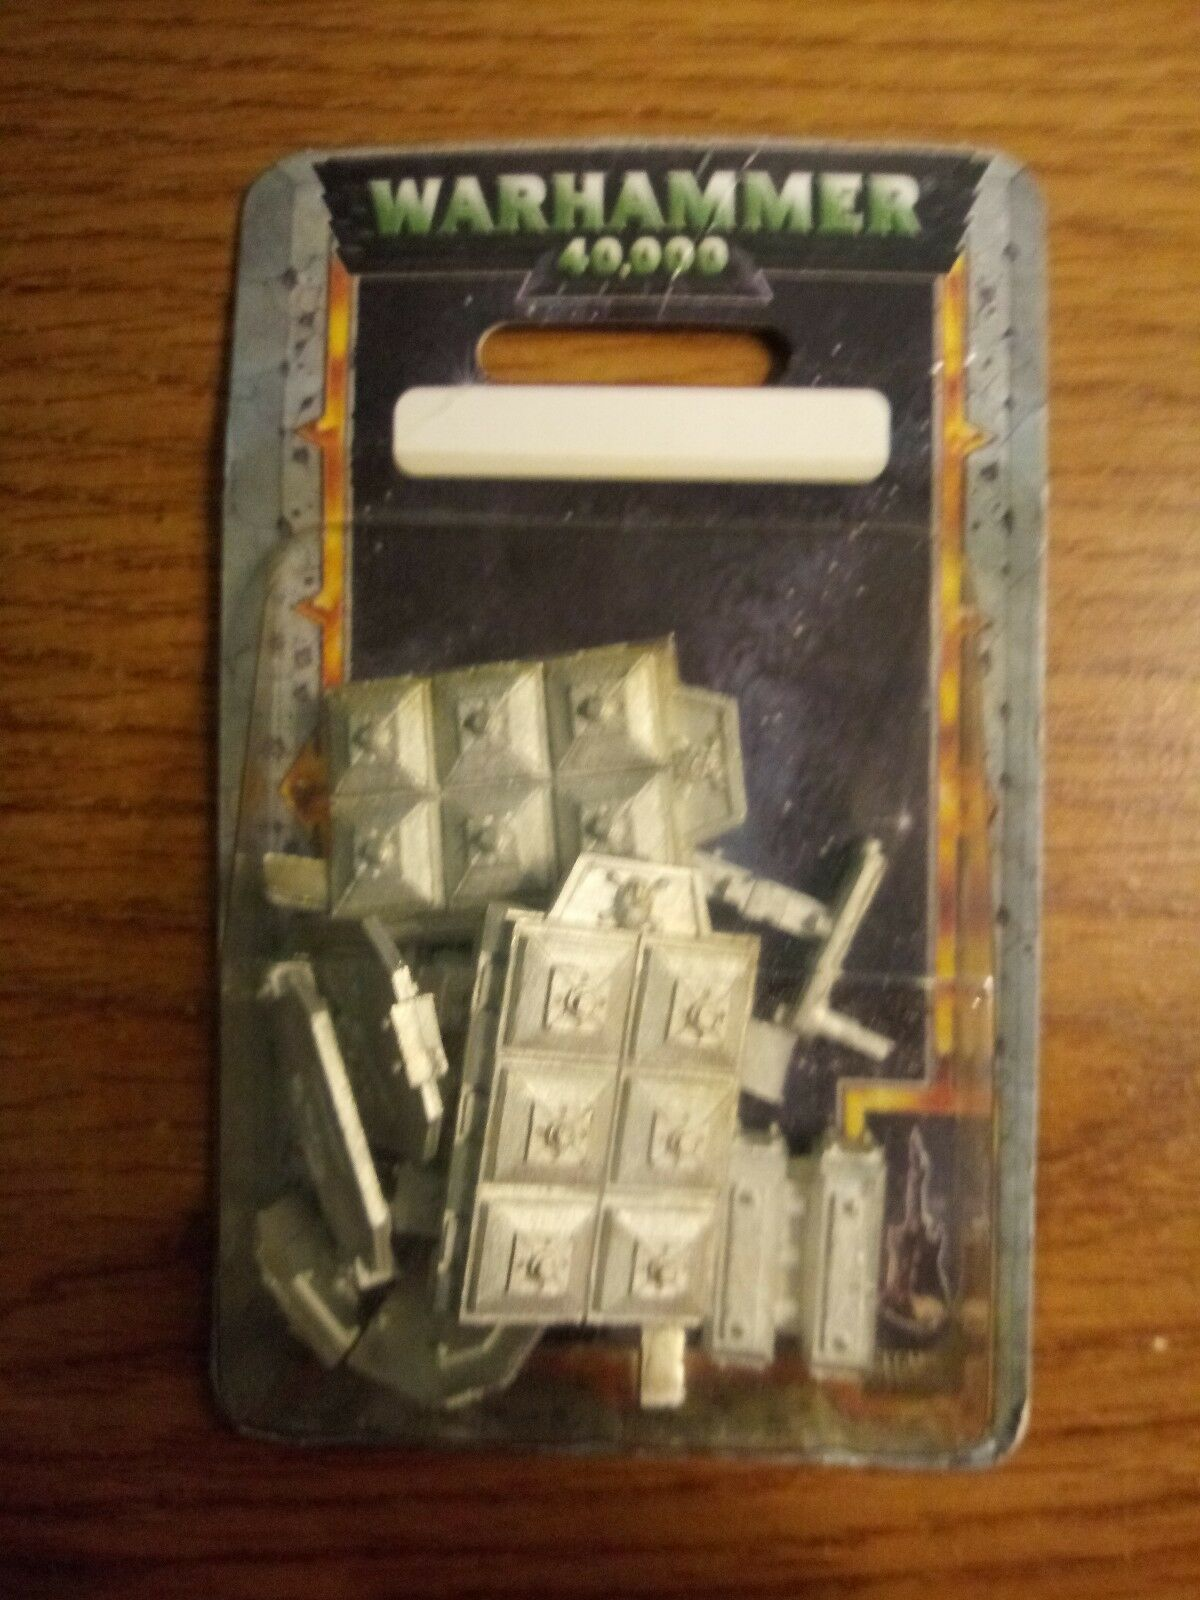 Warhammer 40k Citadel Miniatures, Upgrade for Crusader 9504D, Factory Sealed